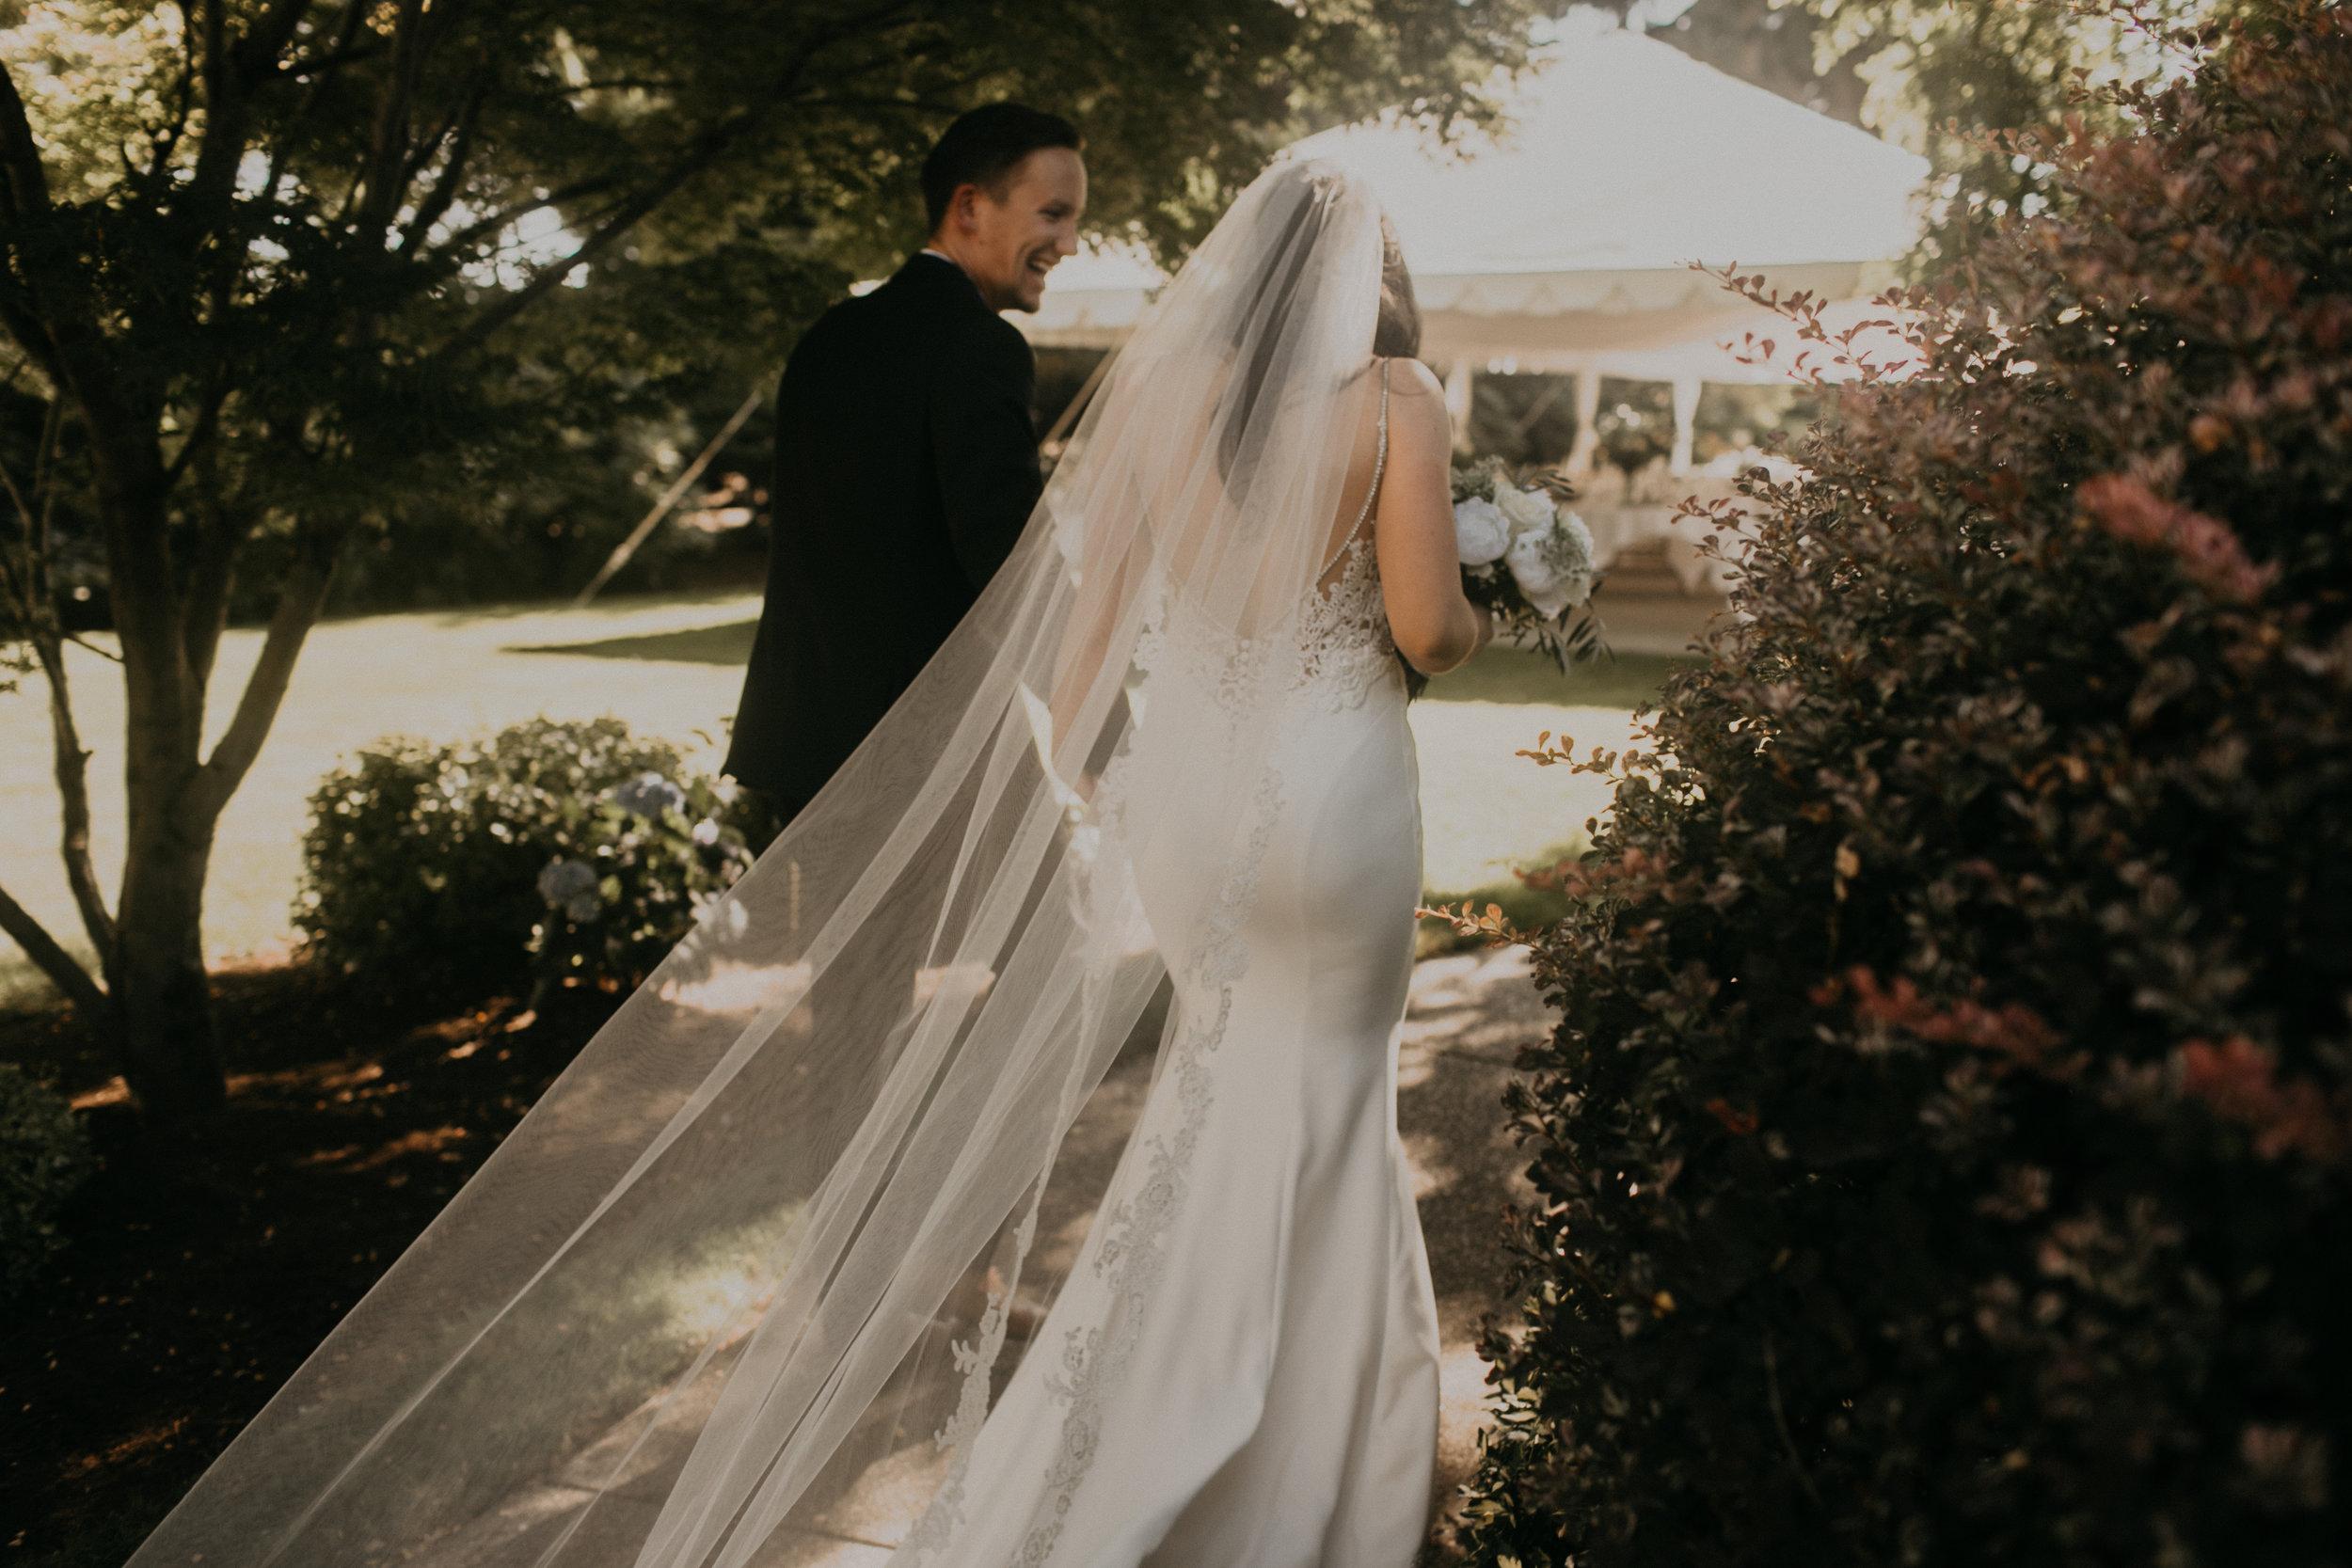 Laurel_Creek_Manor_Sumner_Washington_Wedding_Makenzie+Clark-790.jpg